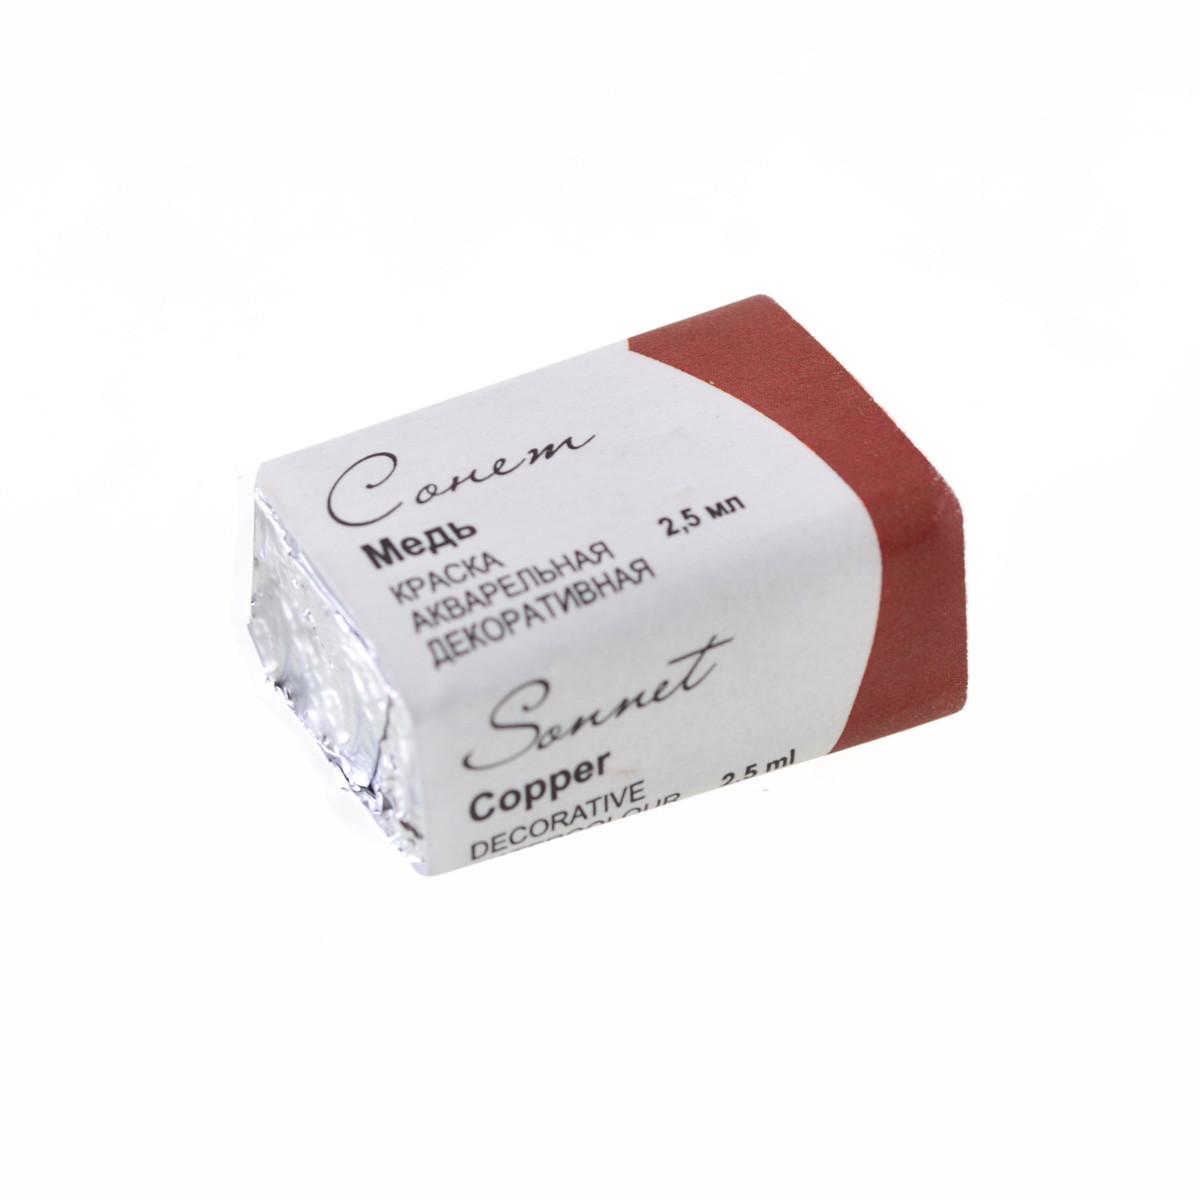 Краска акварельная СОНЕТ, медь метал., 2.5мл ЗХК код: 351856, арт.завода: 6311964